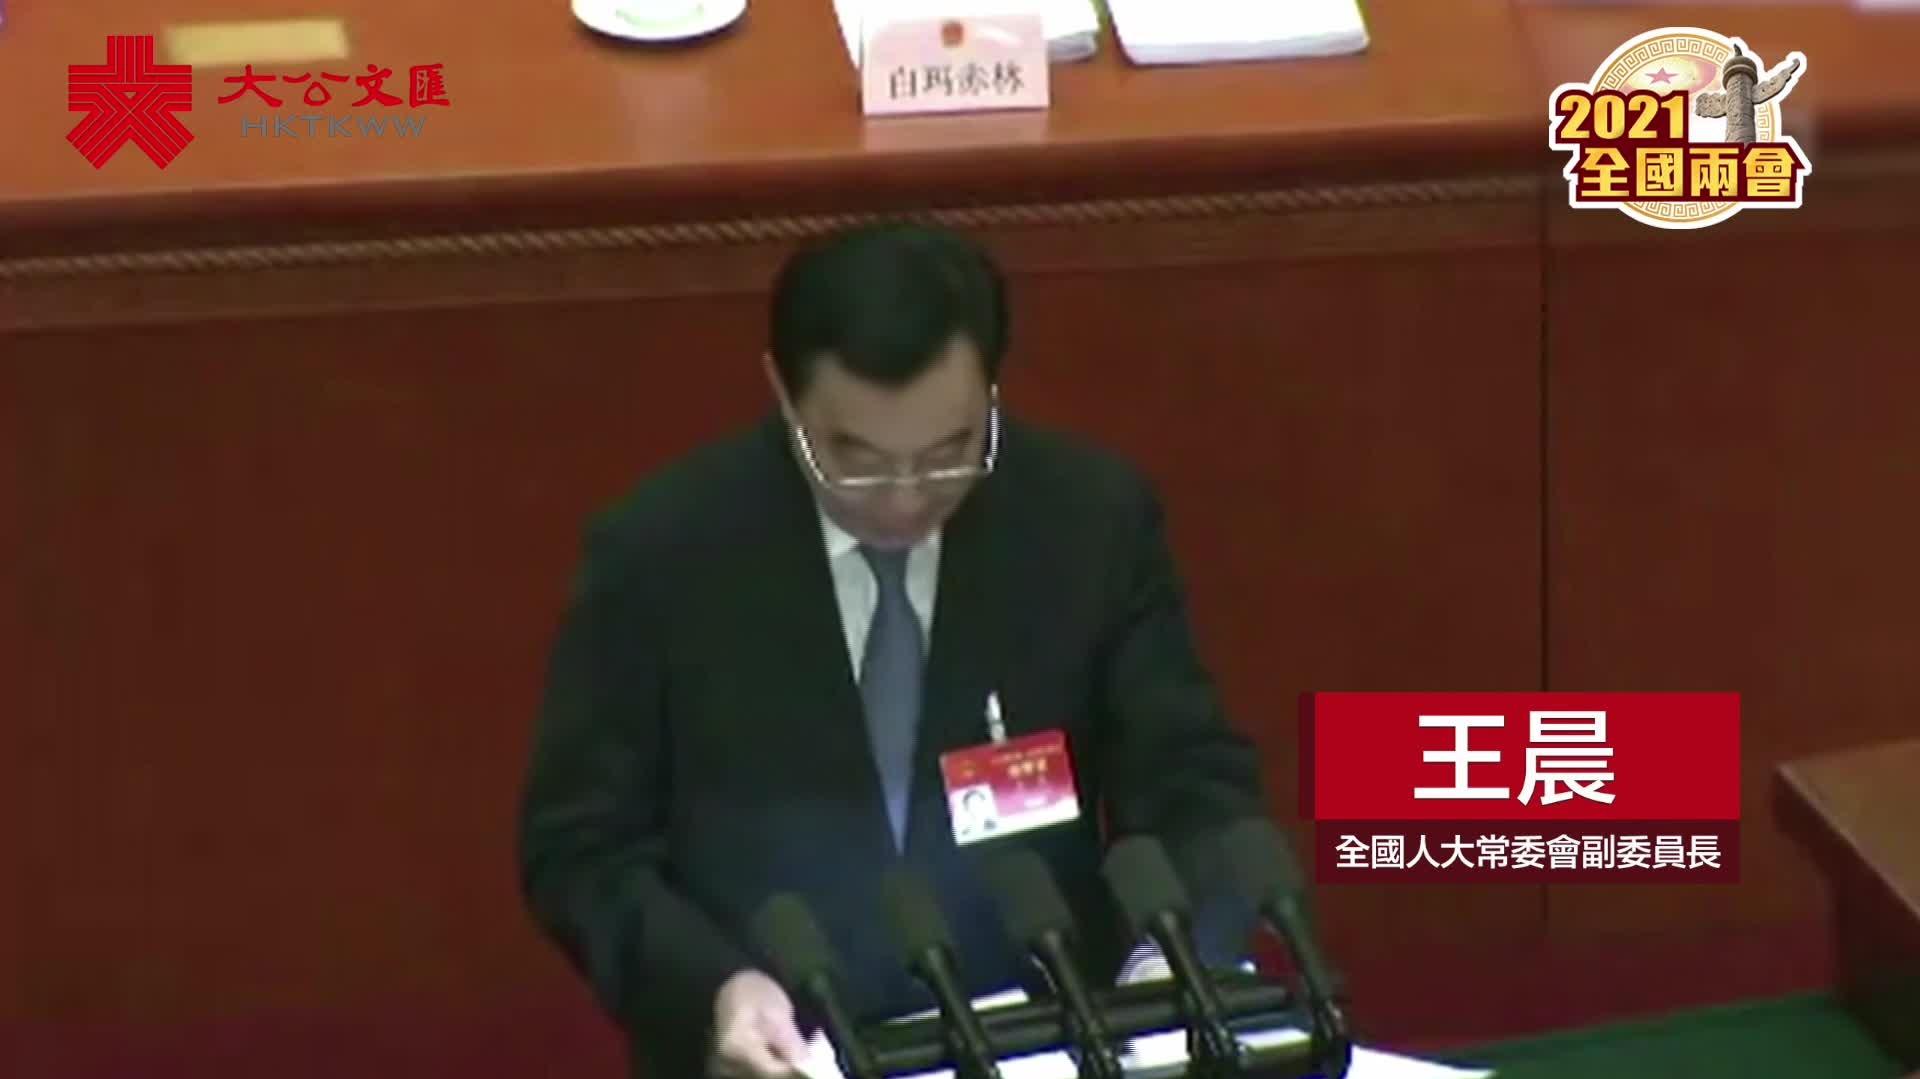 全國兩會 | 王晨就全國人大關於完善香港選舉制度的決定草案作說明(全片)